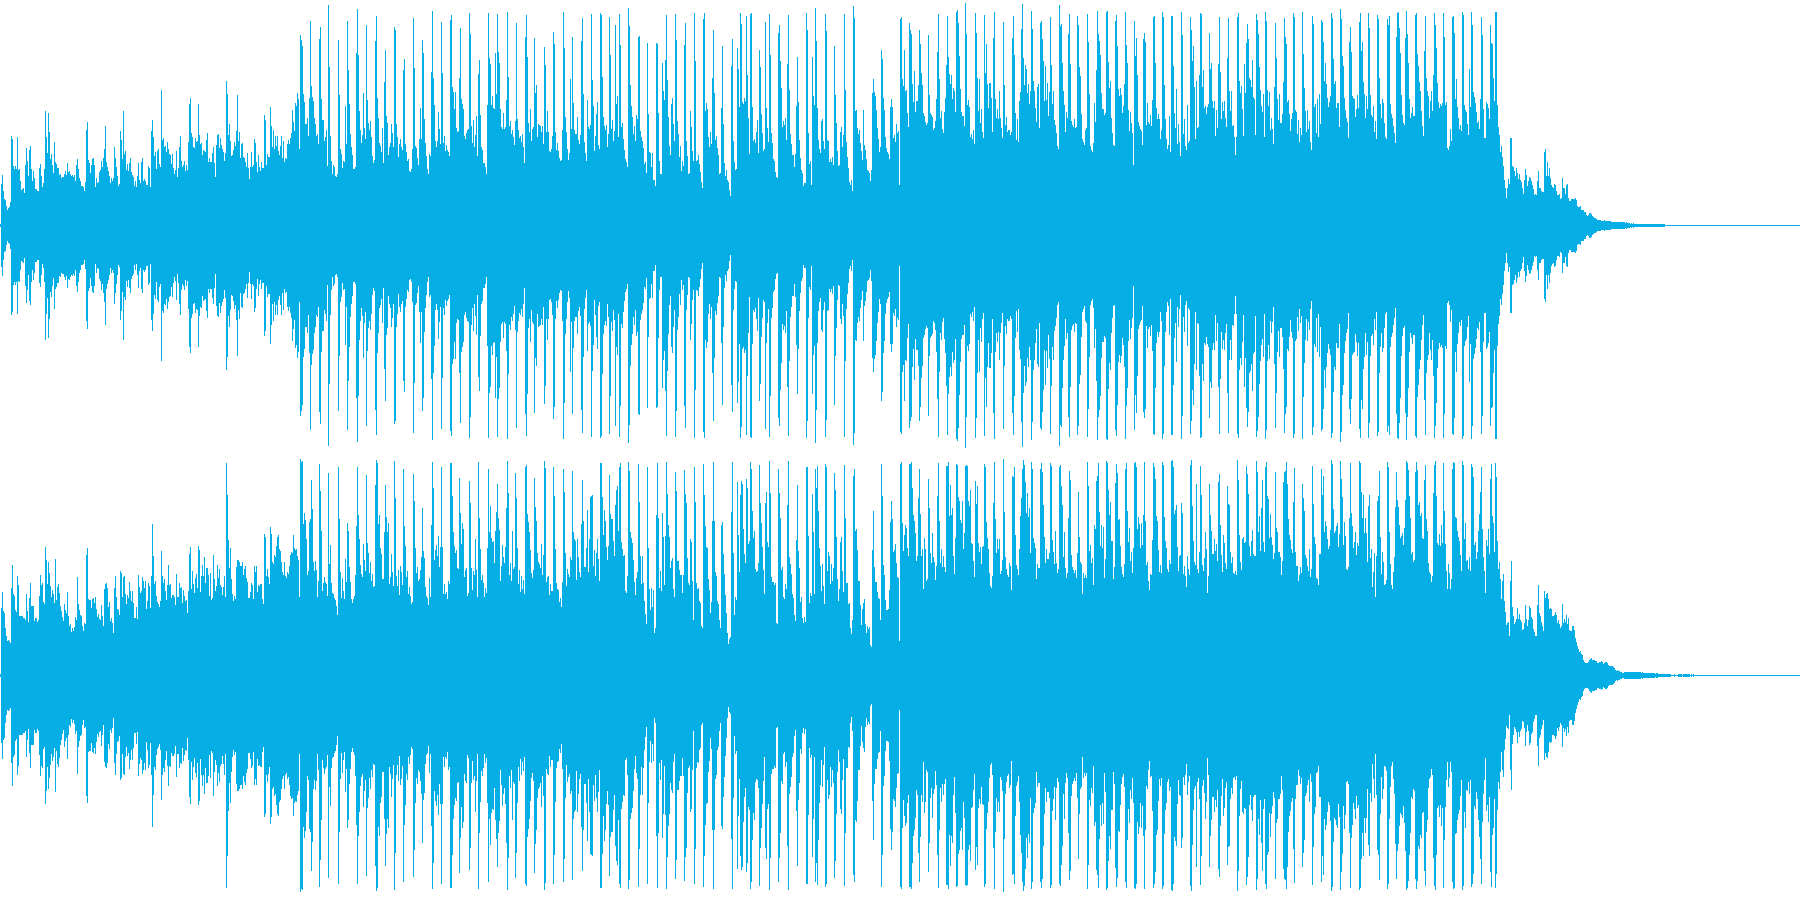 【1分版】透明感のある切ないアコースティの再生済みの波形